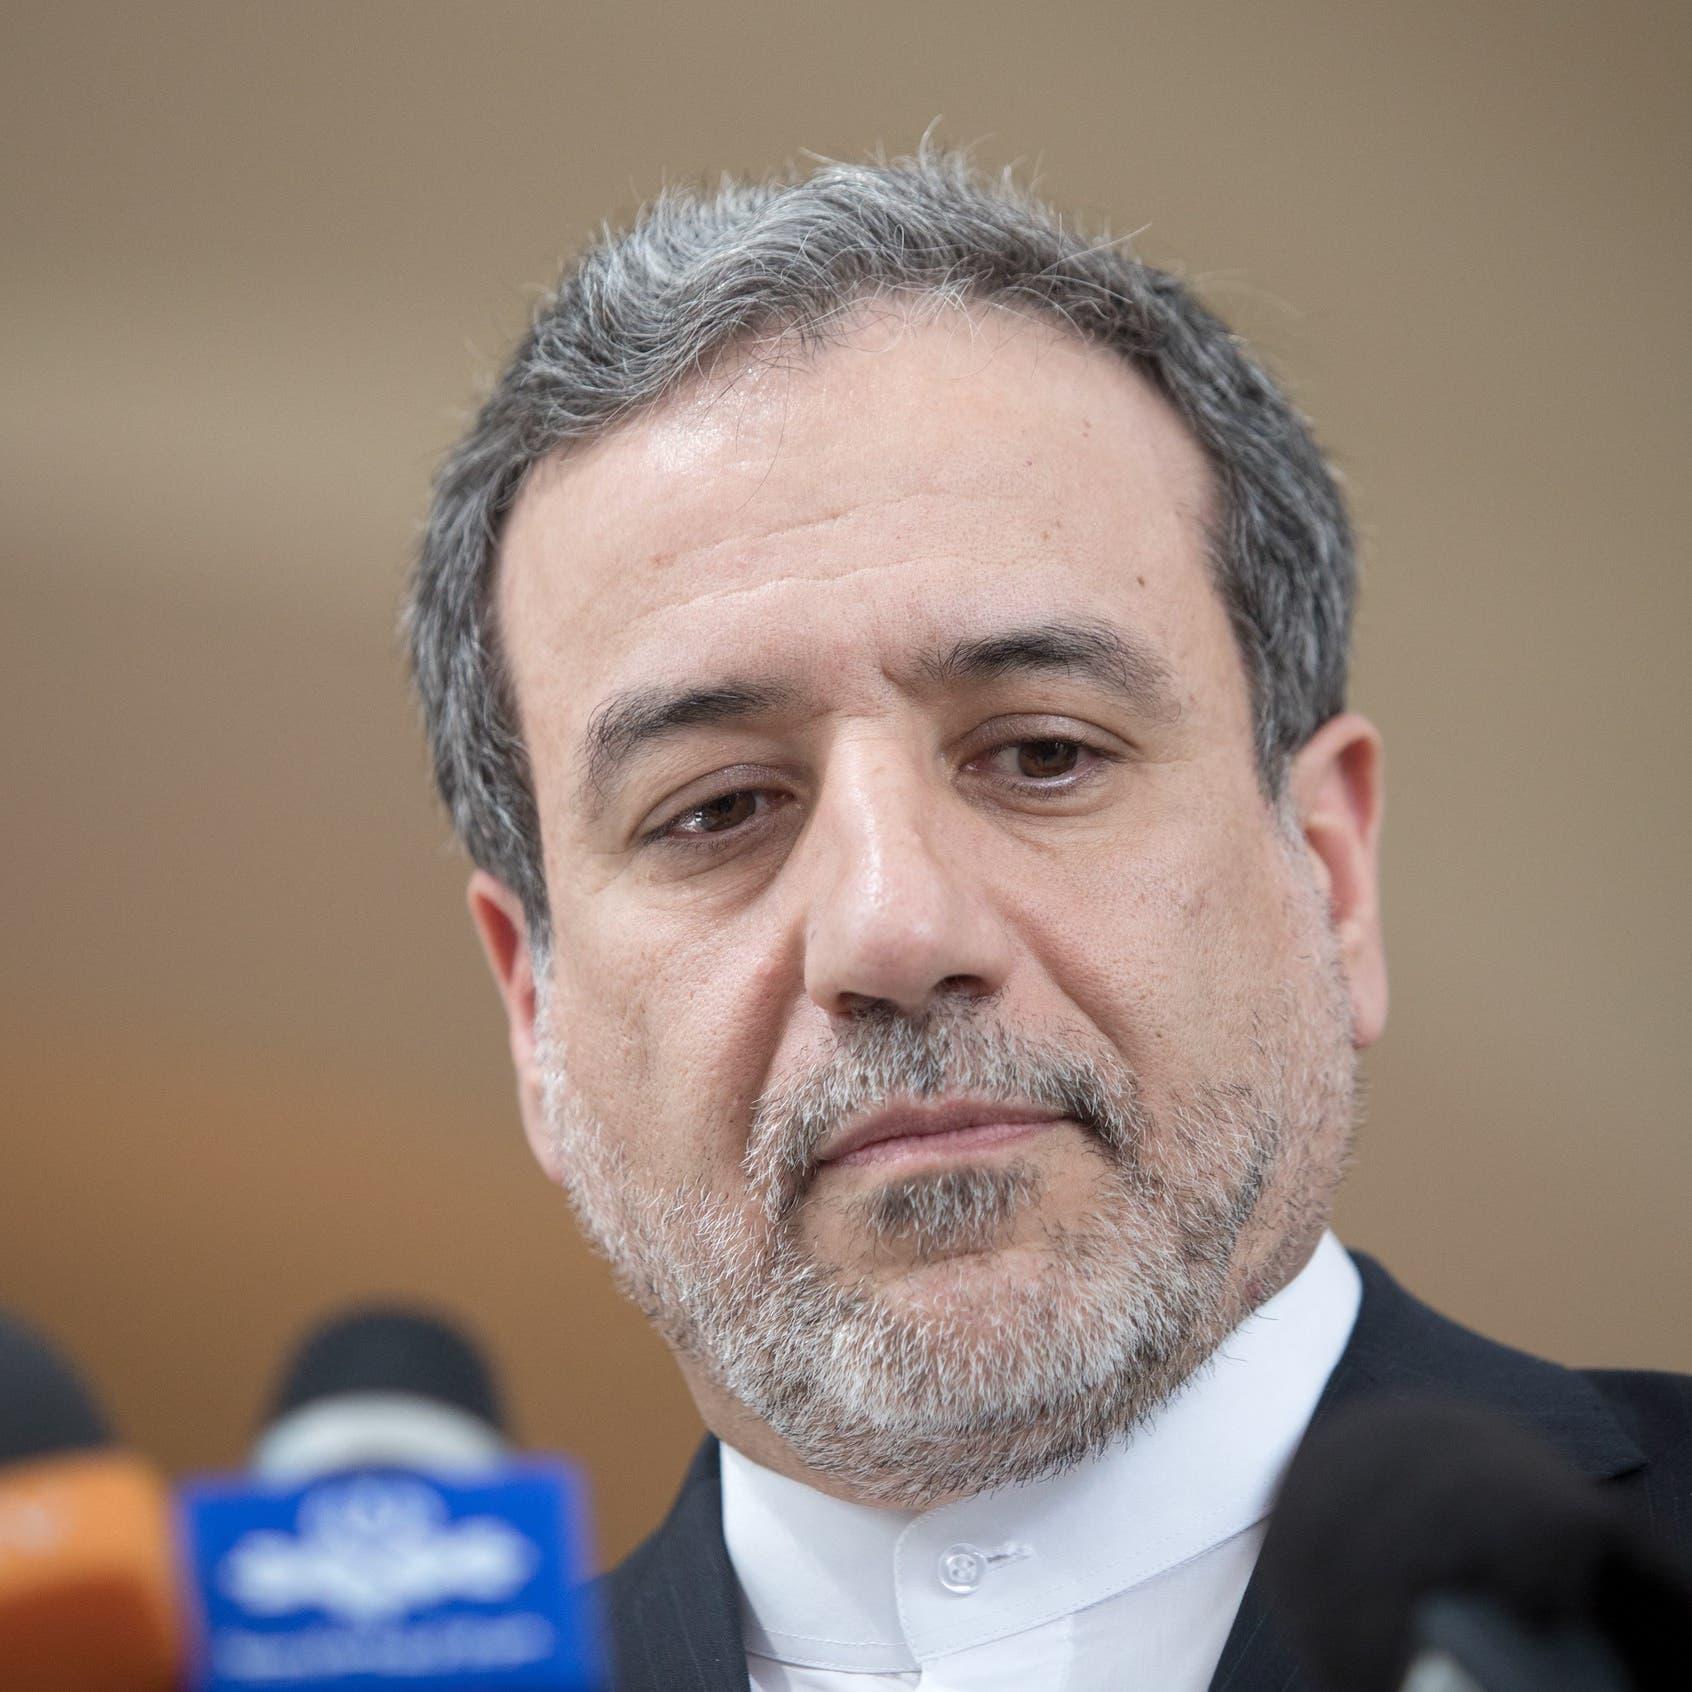 خامنئي يعيّن عباس عراقجي أميناً لمجلس العلاقات الخارجية